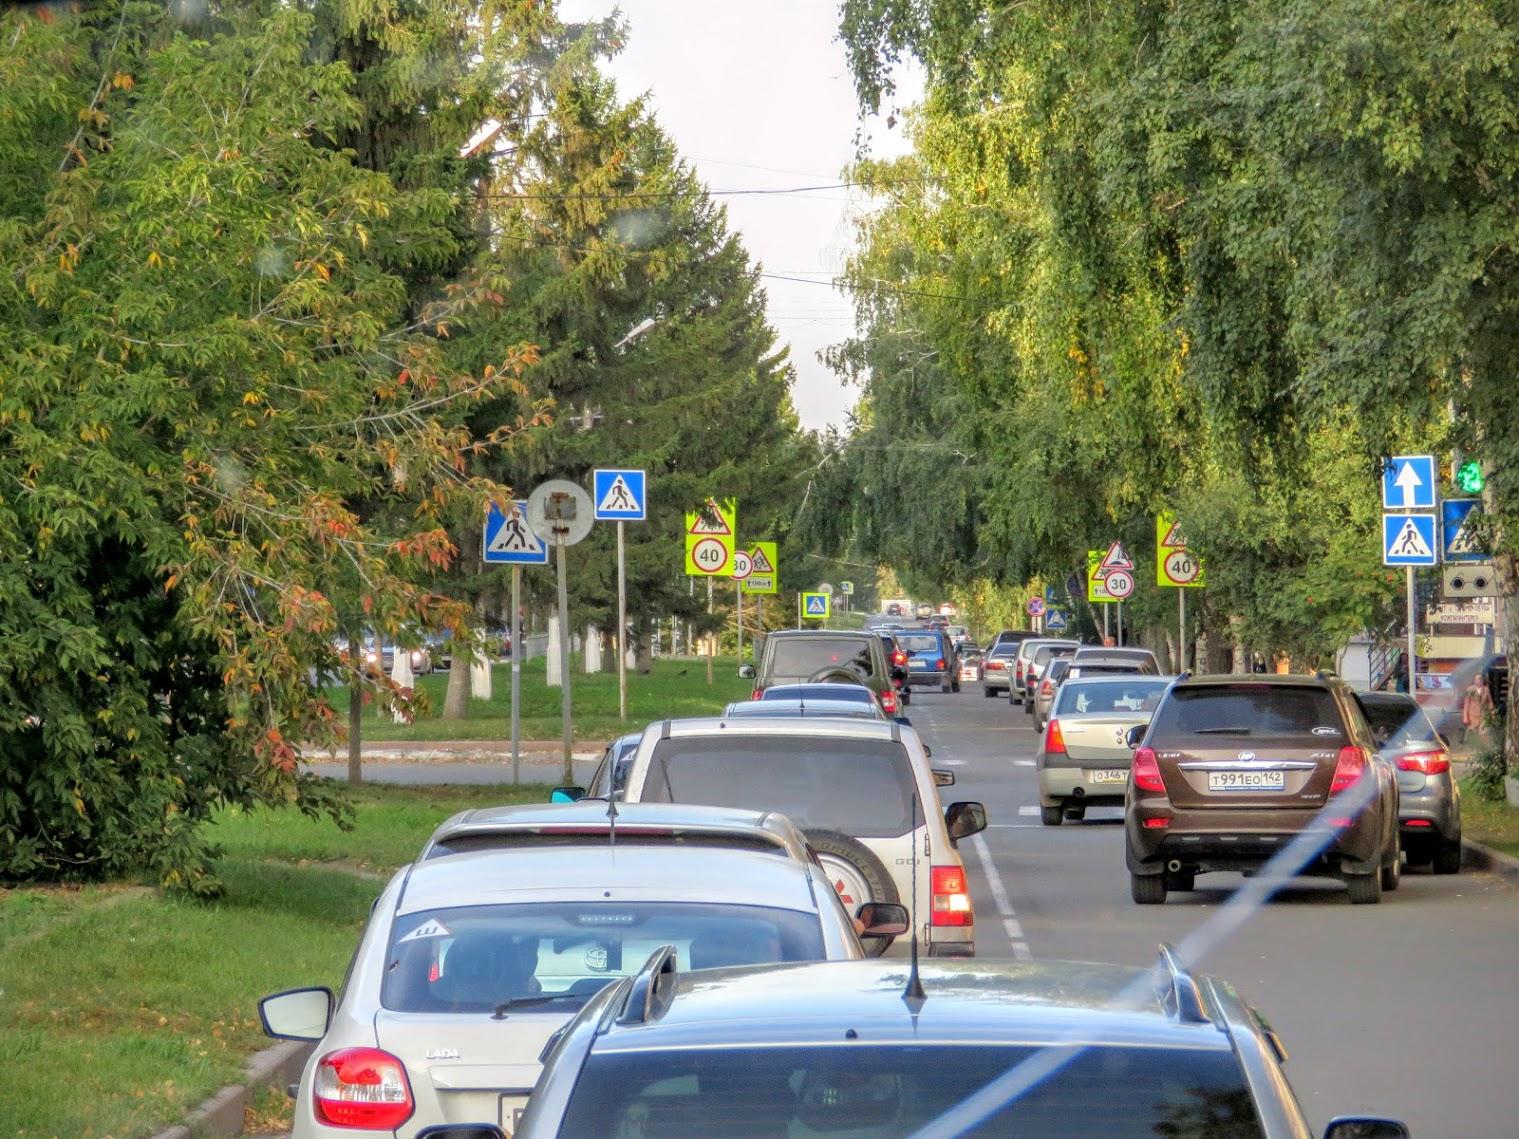 Αποτέλεσμα εικόνας για Юрга́ traffic